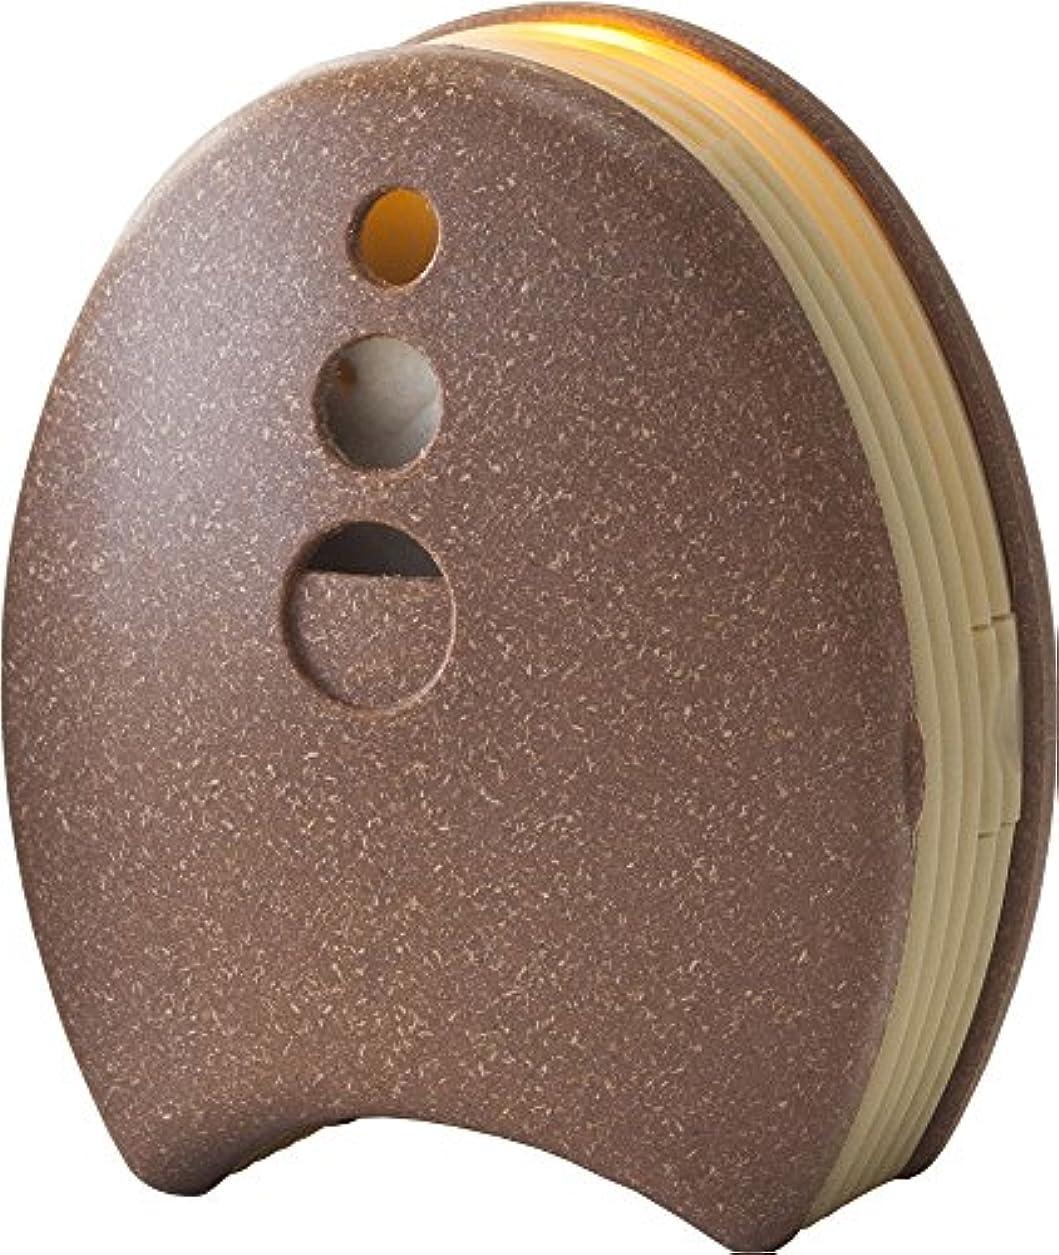 組み合わせる私たち自身お風呂を持っているウッドブリーズ Ecomini (エコミニ) T 木質ブラウン